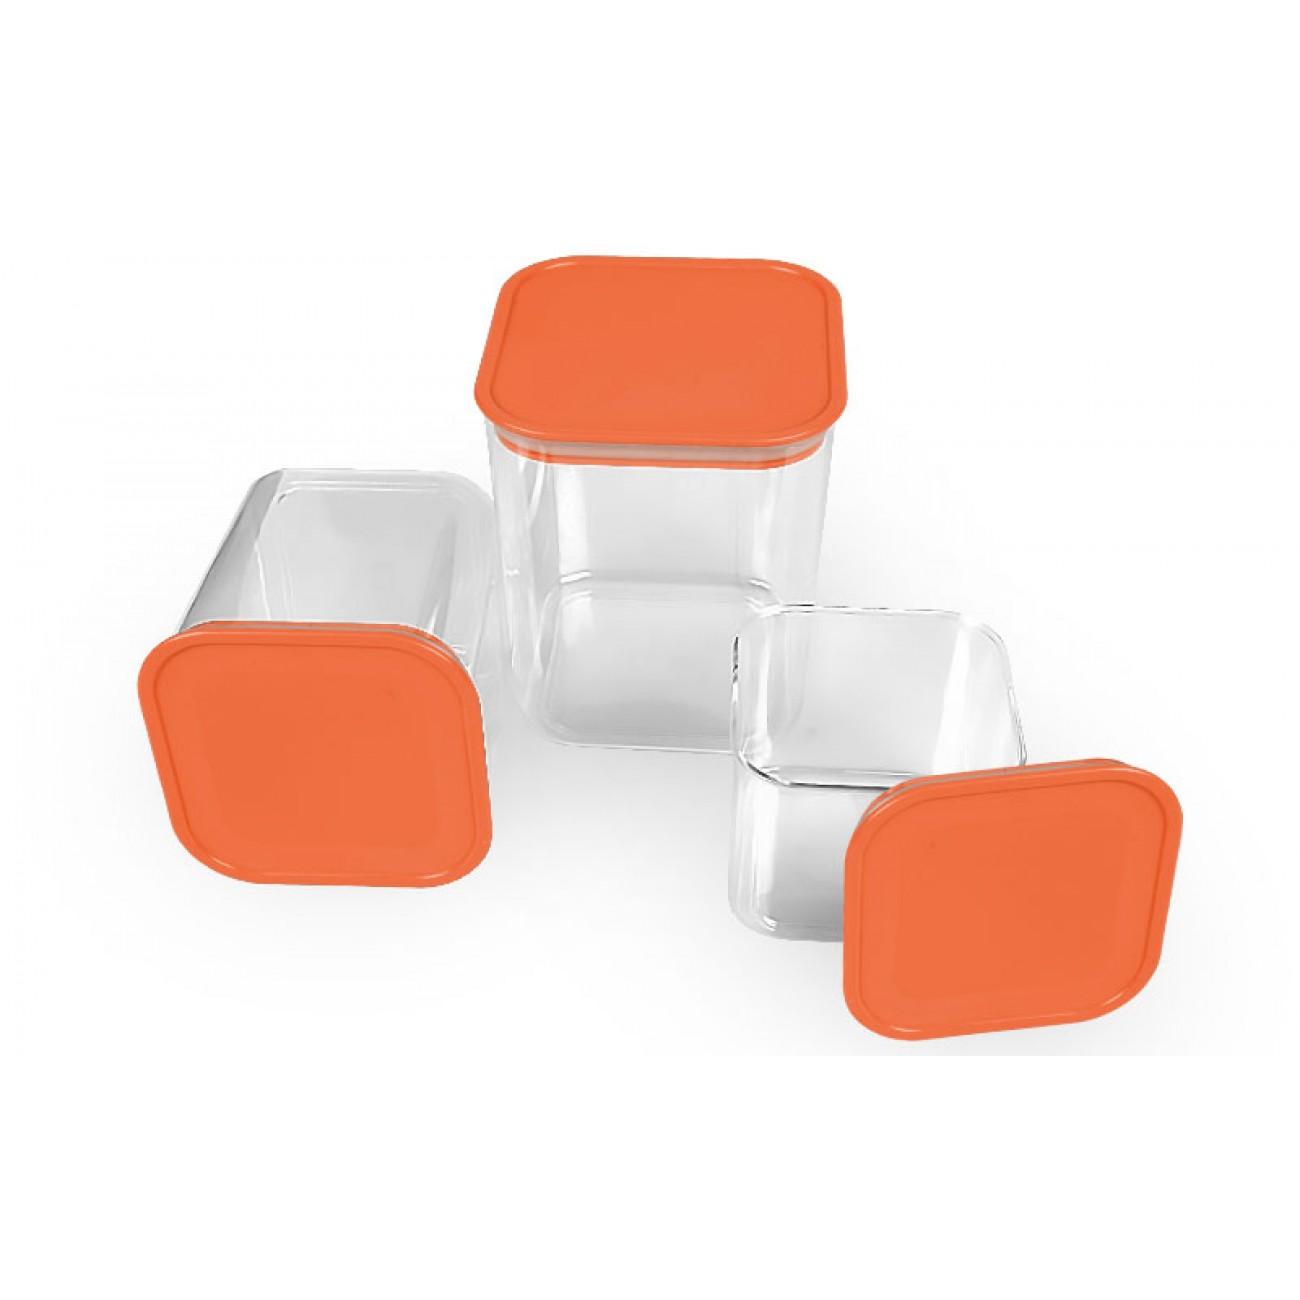 Σετ 3 τετράγωνα δοχεία αποθήκευσης - Πορτοκαλί - OEM 34436